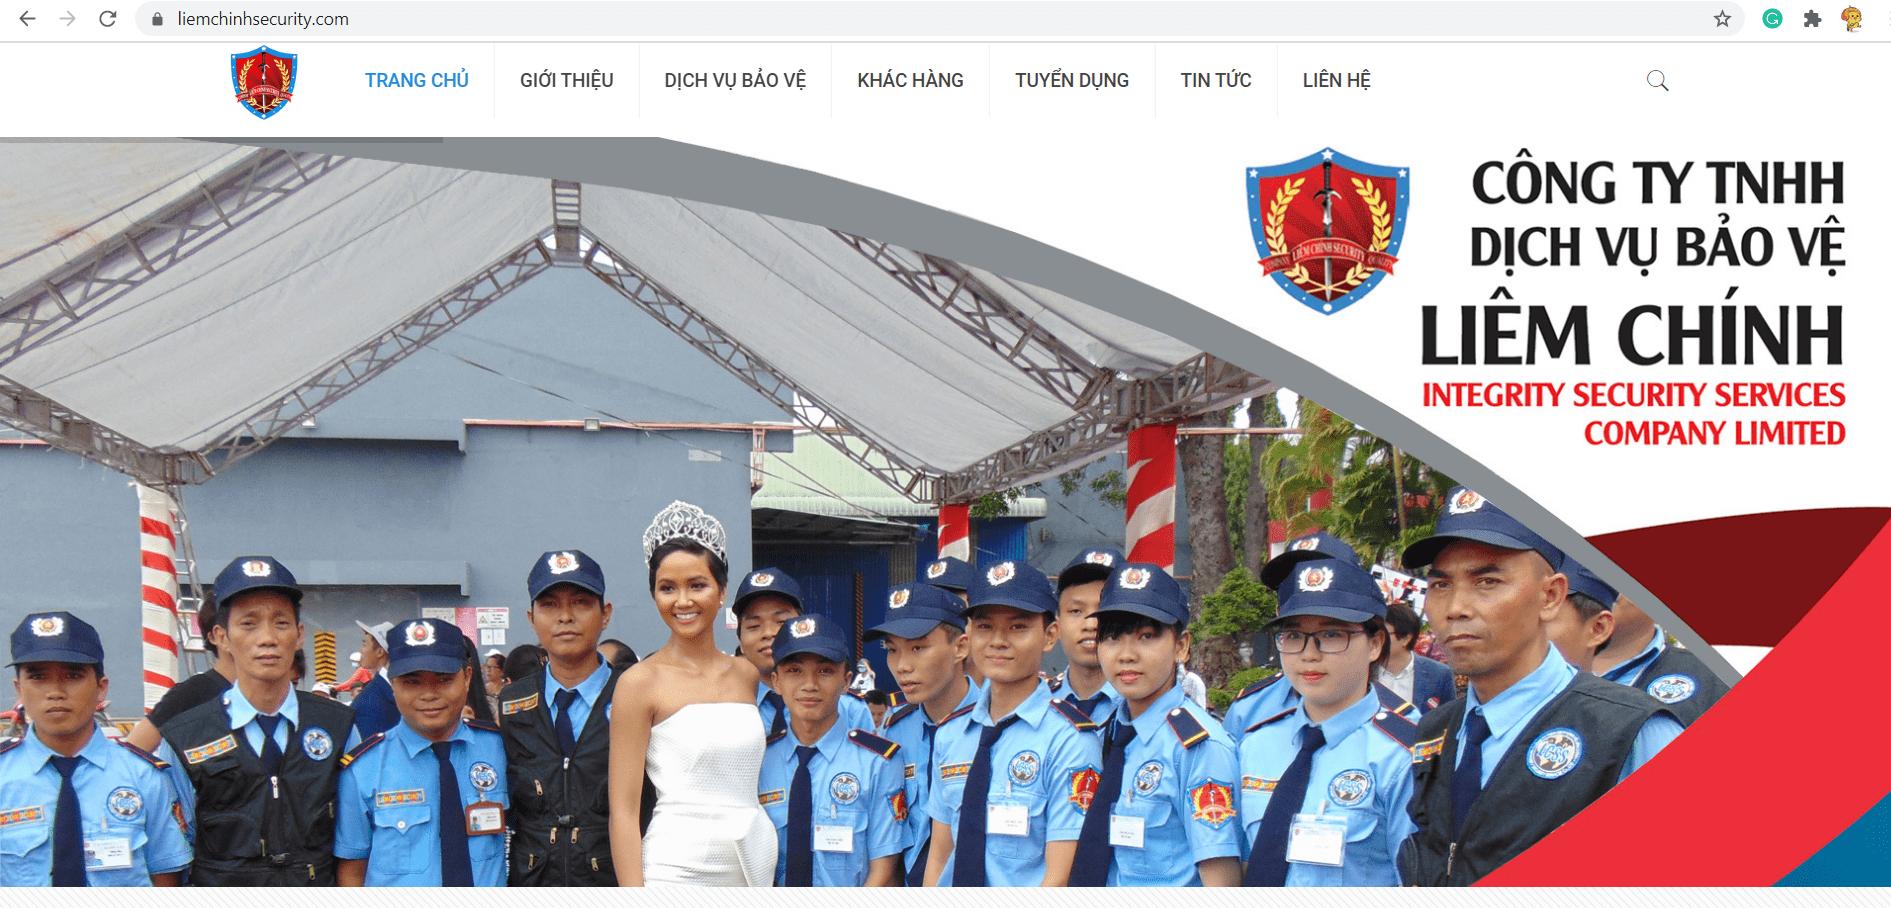 công ty bảo vệ TPHCM